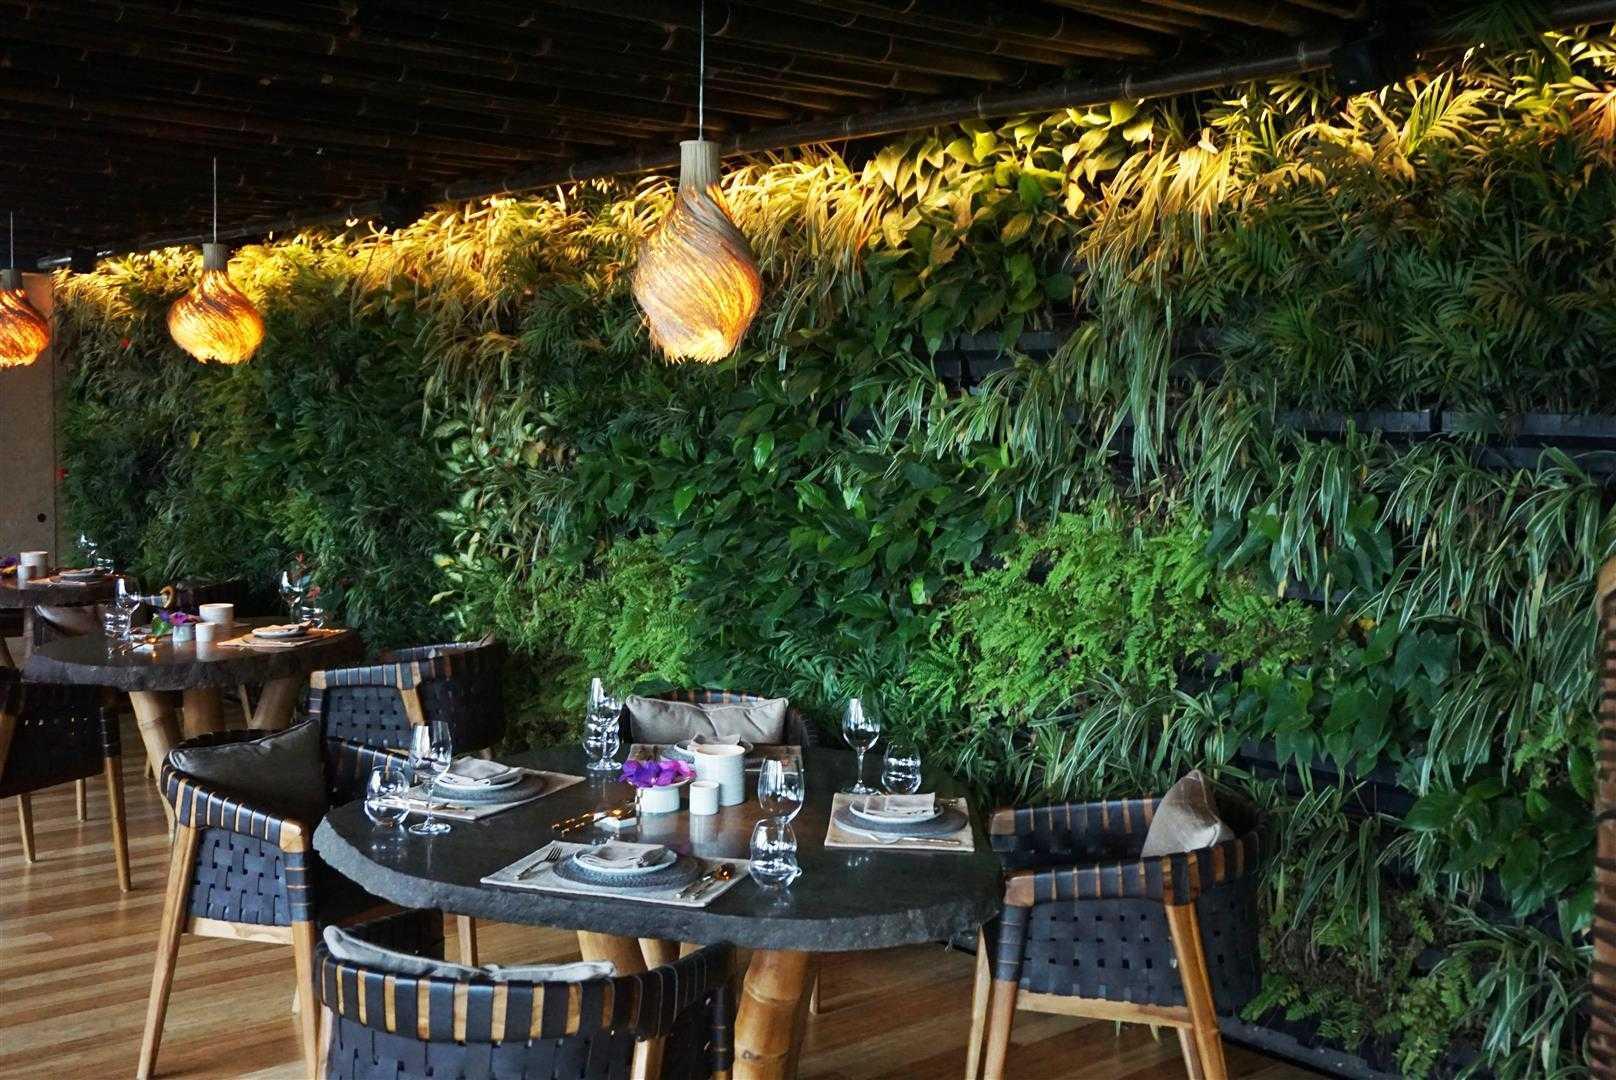 Nuansa alam Bali sangat terasa di Restoran Kontemporer TRi, karya Agung Budi Raharsa tahun 2015 (Sumber: arsitag.com)